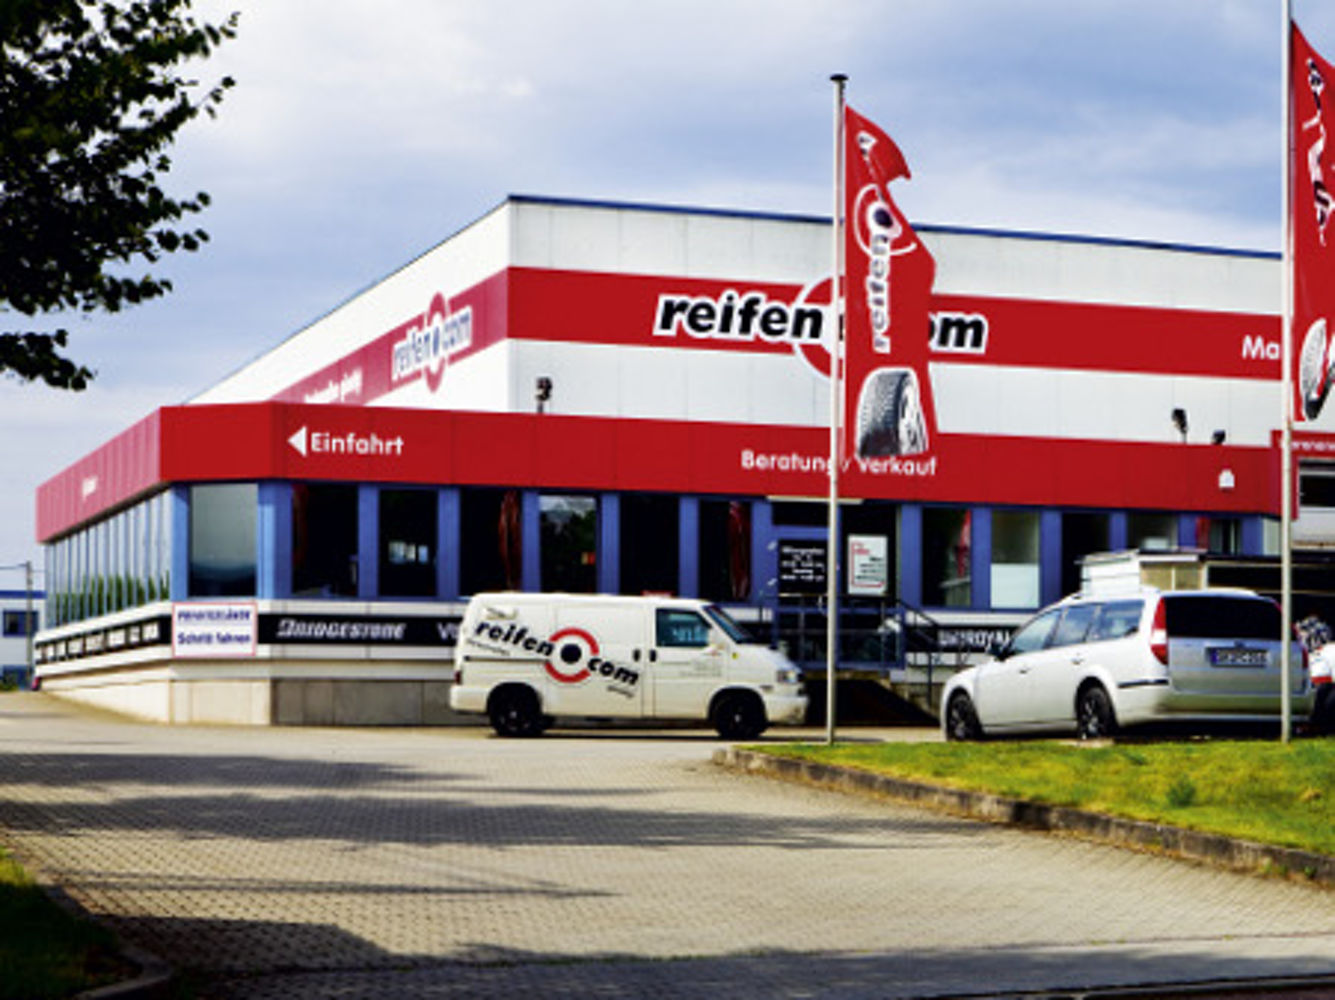 Zufahrt reifen.com-Filiale  in Schkeuditz